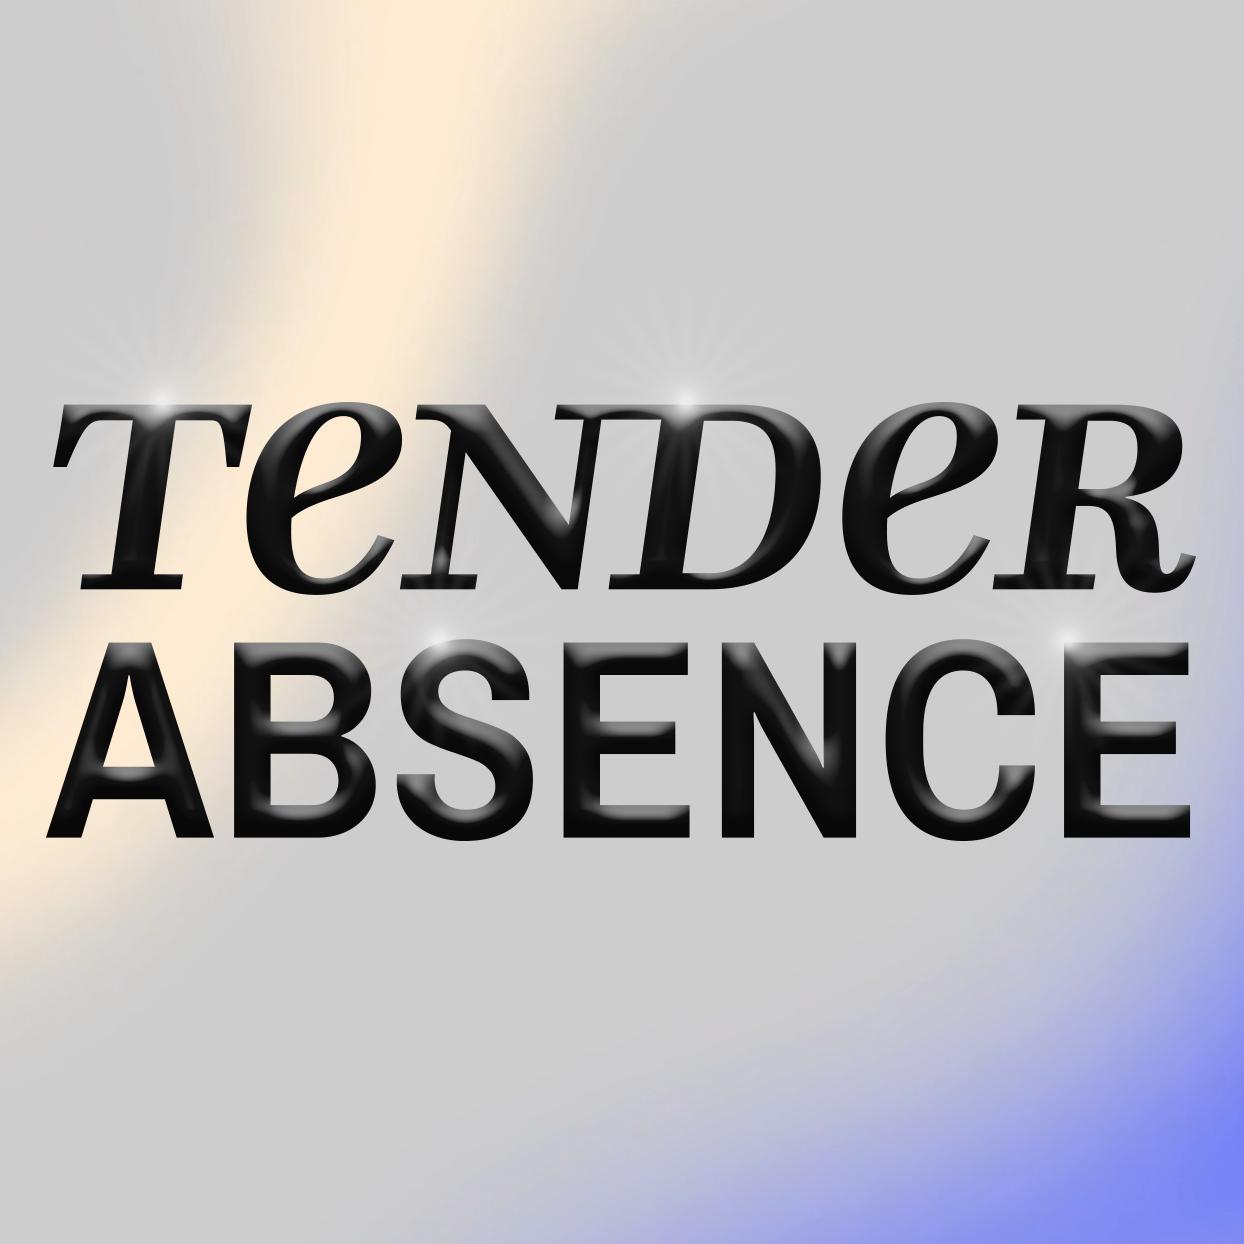 Tender Absence